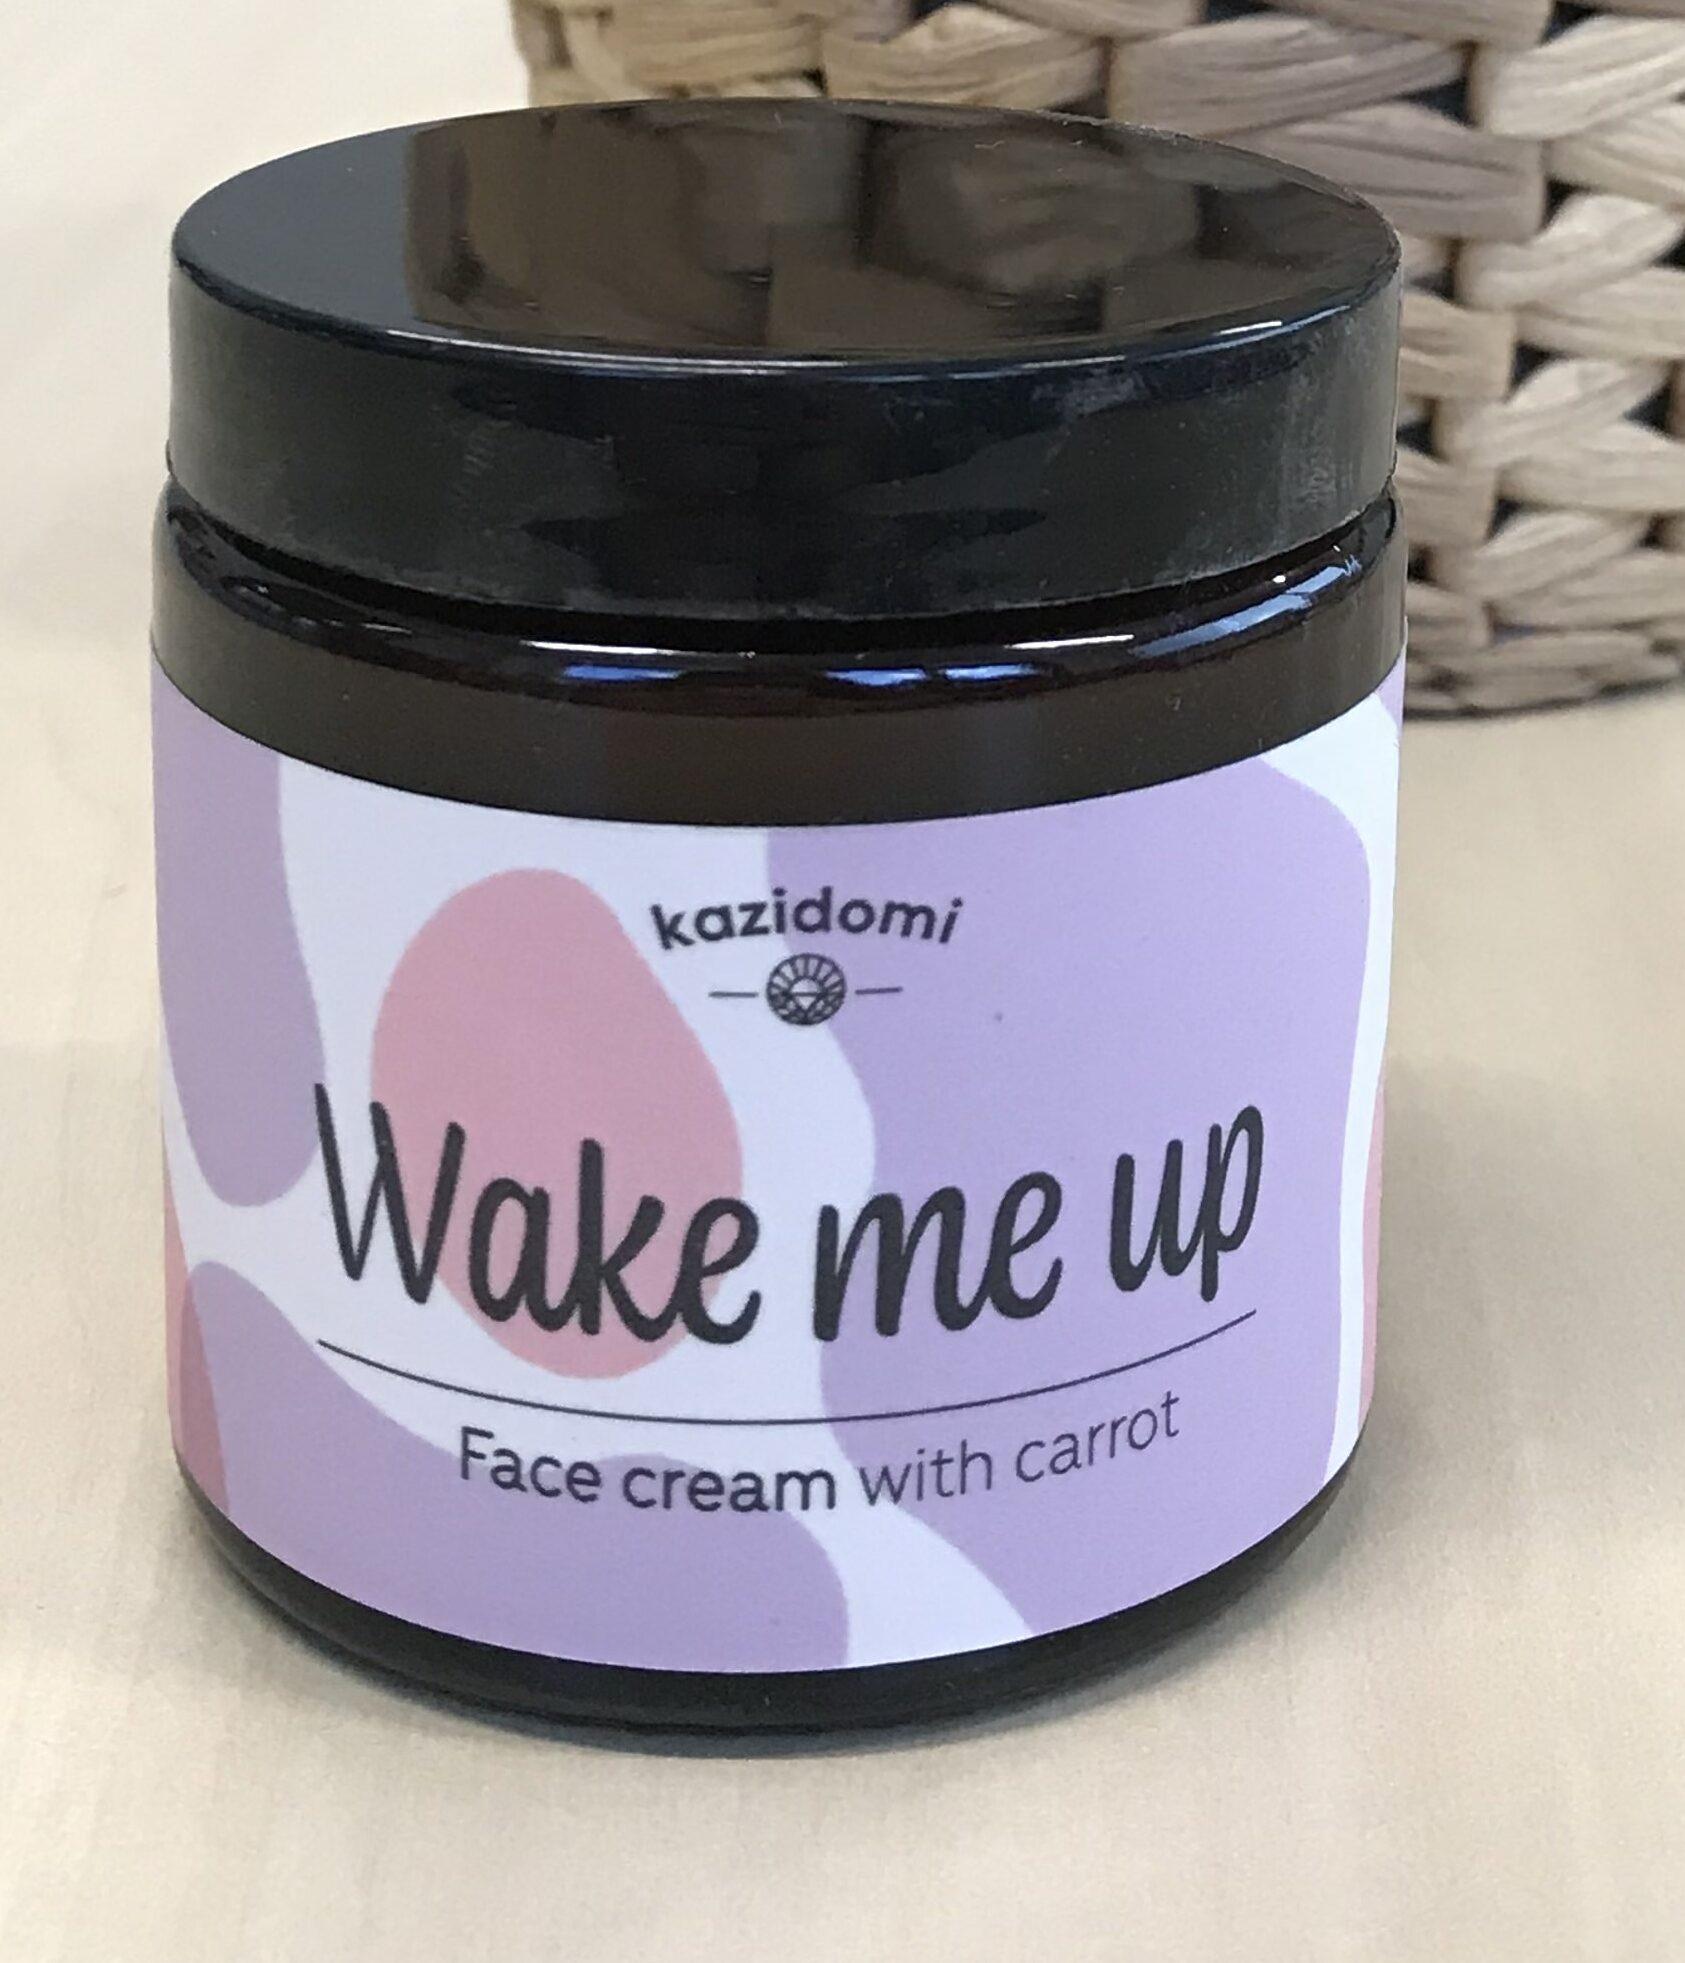 Crème Visage Peau sèche & sensible Wake Me Up Kazidomi - Product - fr